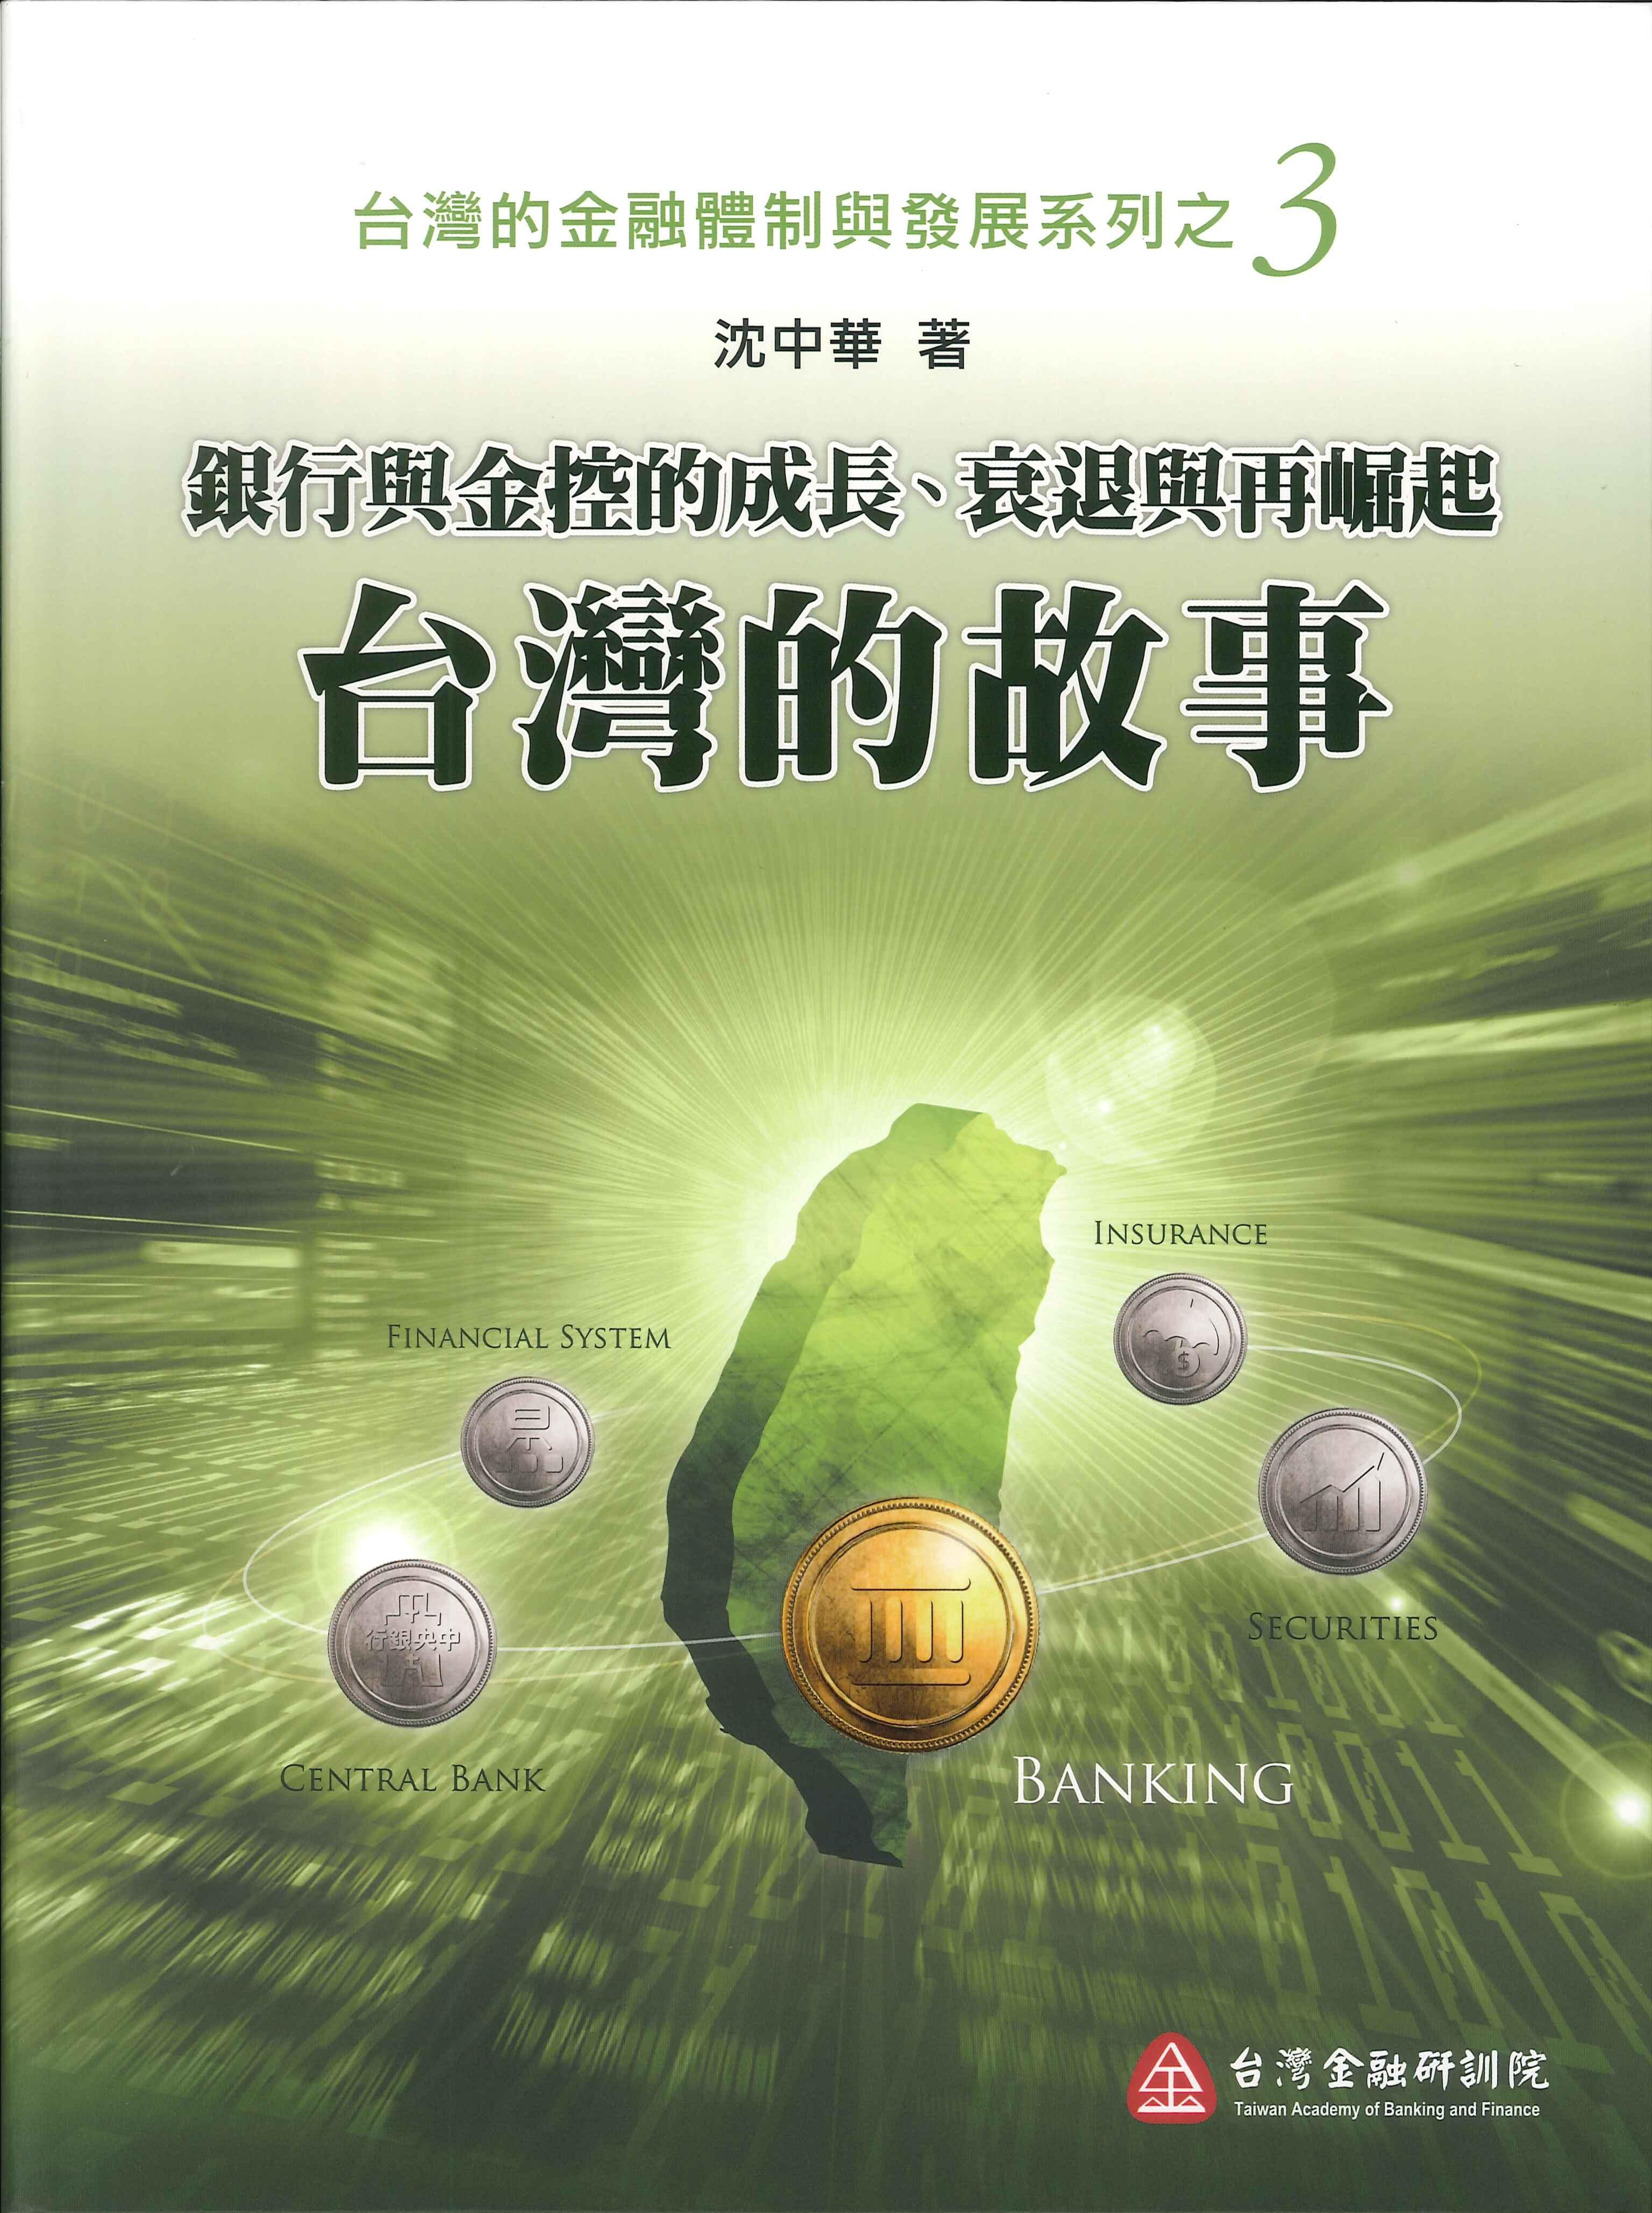 銀行與金控的成長、衰退與再崛起:台灣的故事